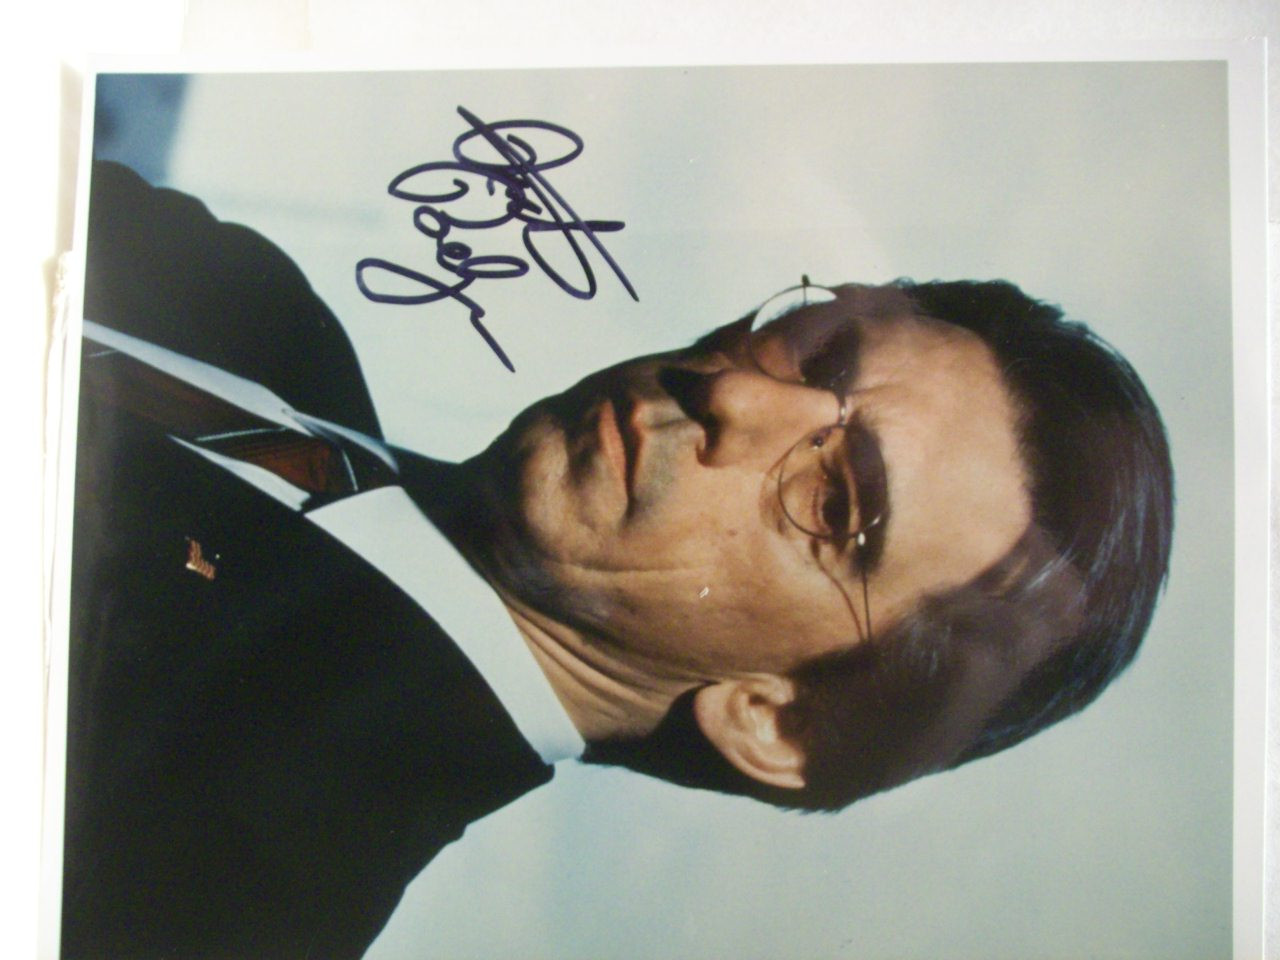 Belzer, Richard Photo Signed Autograph Homicide